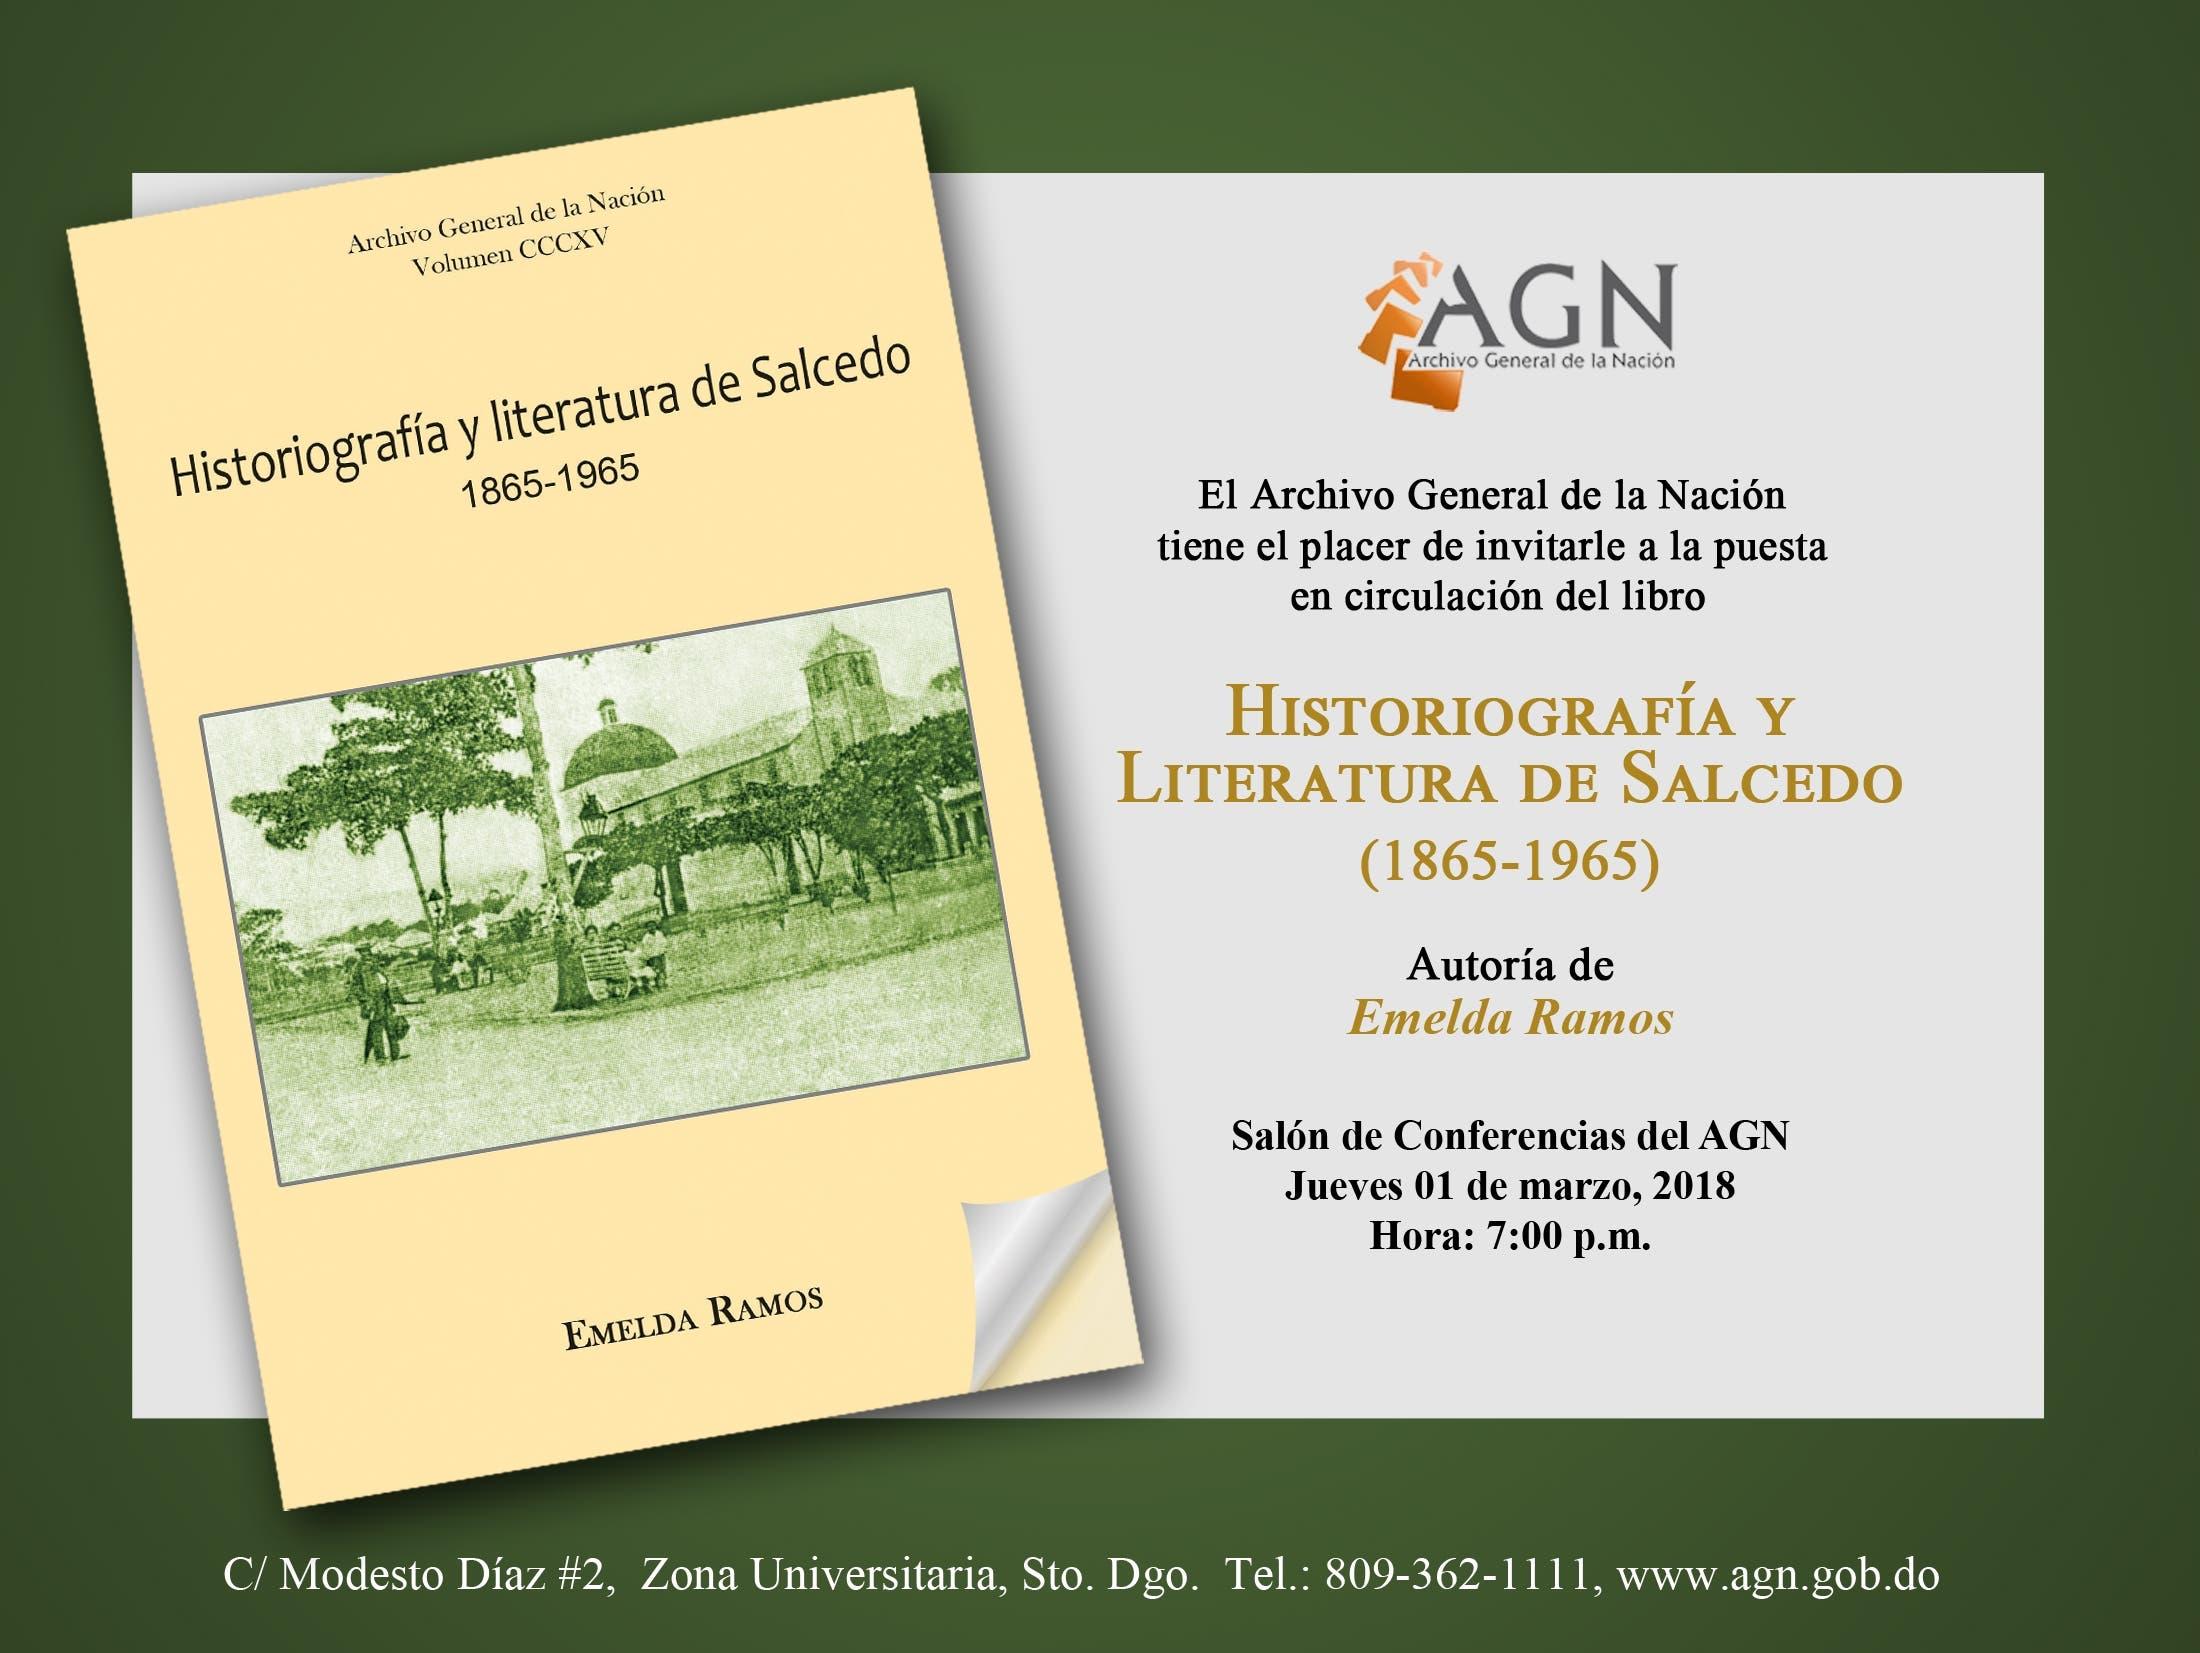 Archivo General de la Nación pone en circulación nuevo libro